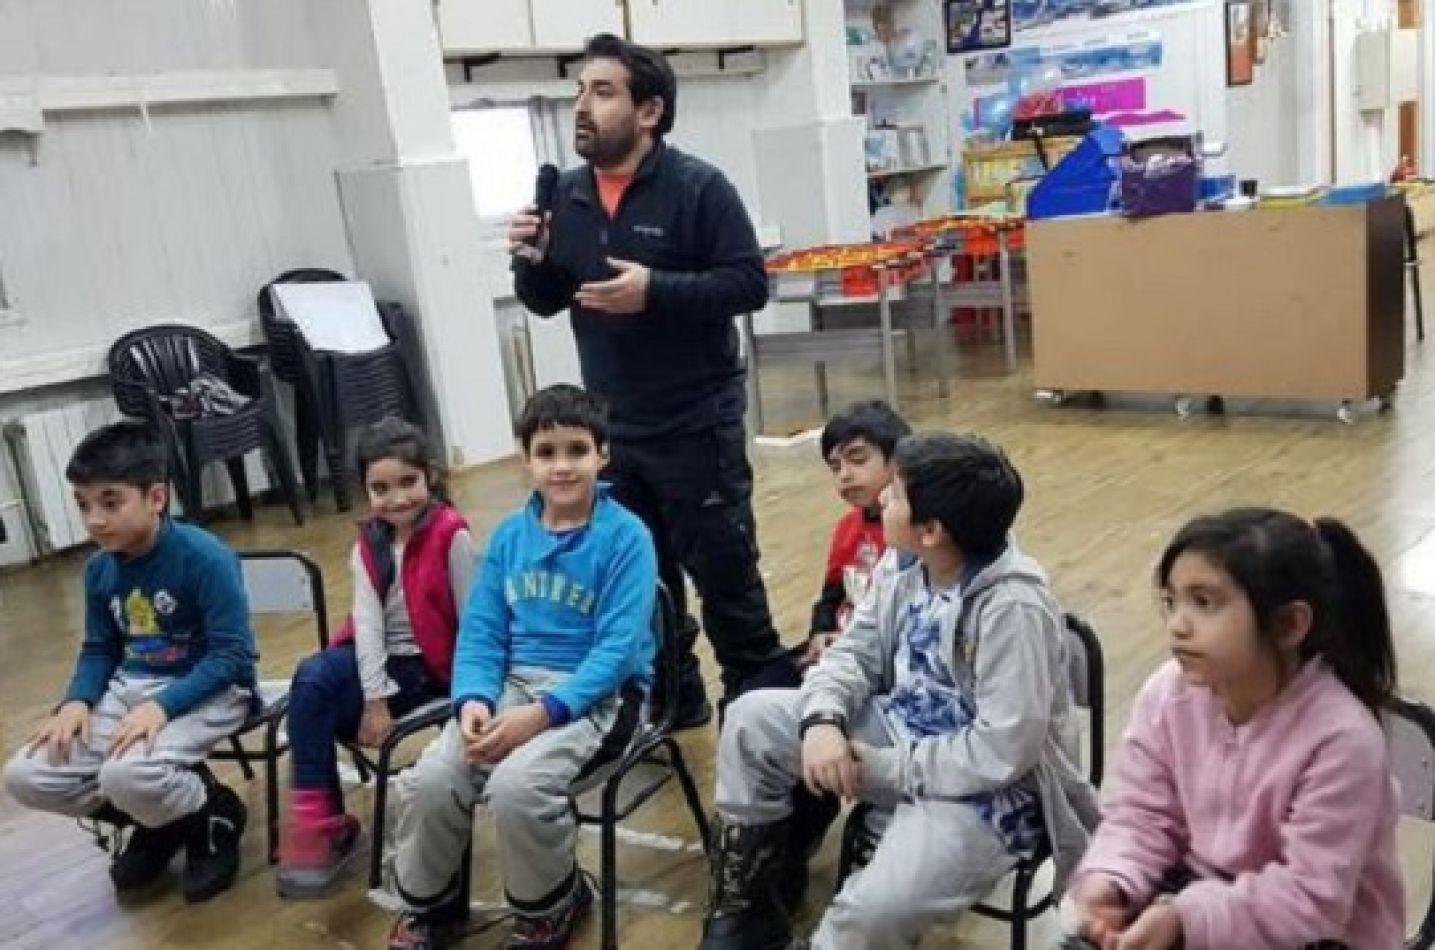 Alumnos y el profesor mientras se desarrollaba la videoconferencia.